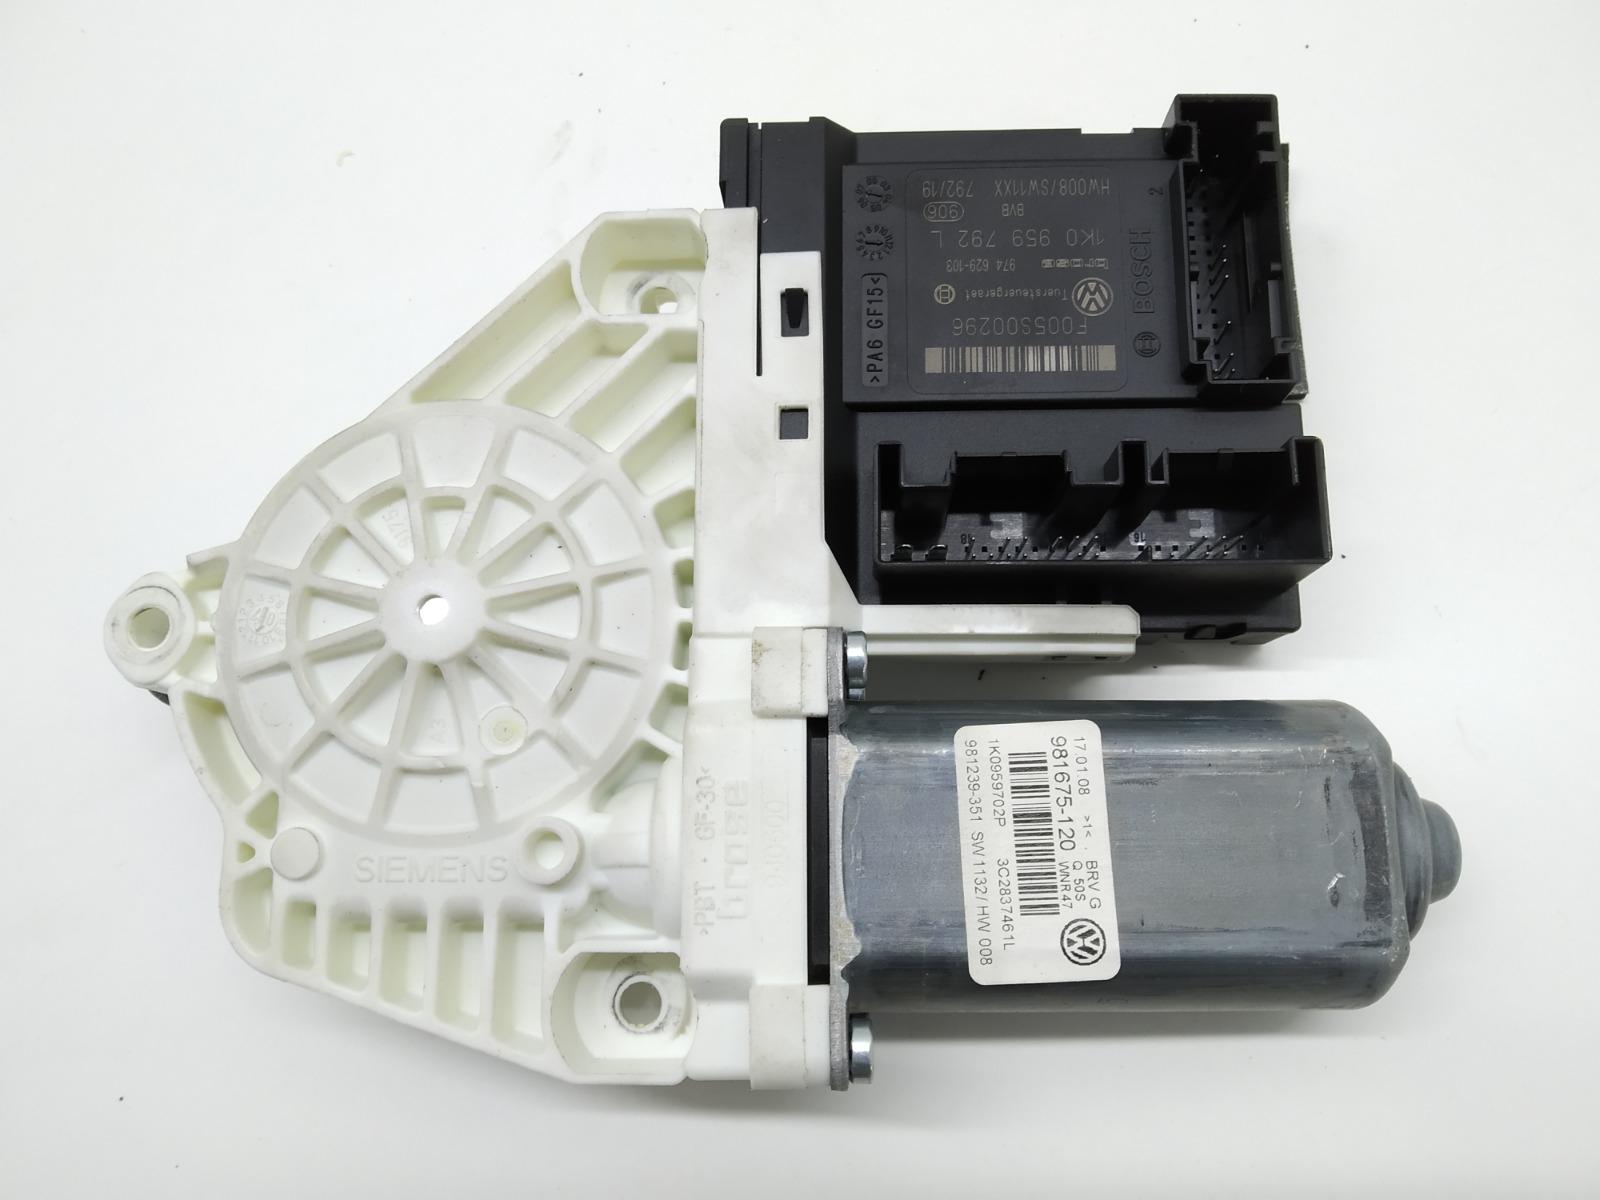 Моторчик стеклоподъемника передний левый Volkswagen Passat B6 2.0 TDI 2008 (б/у)